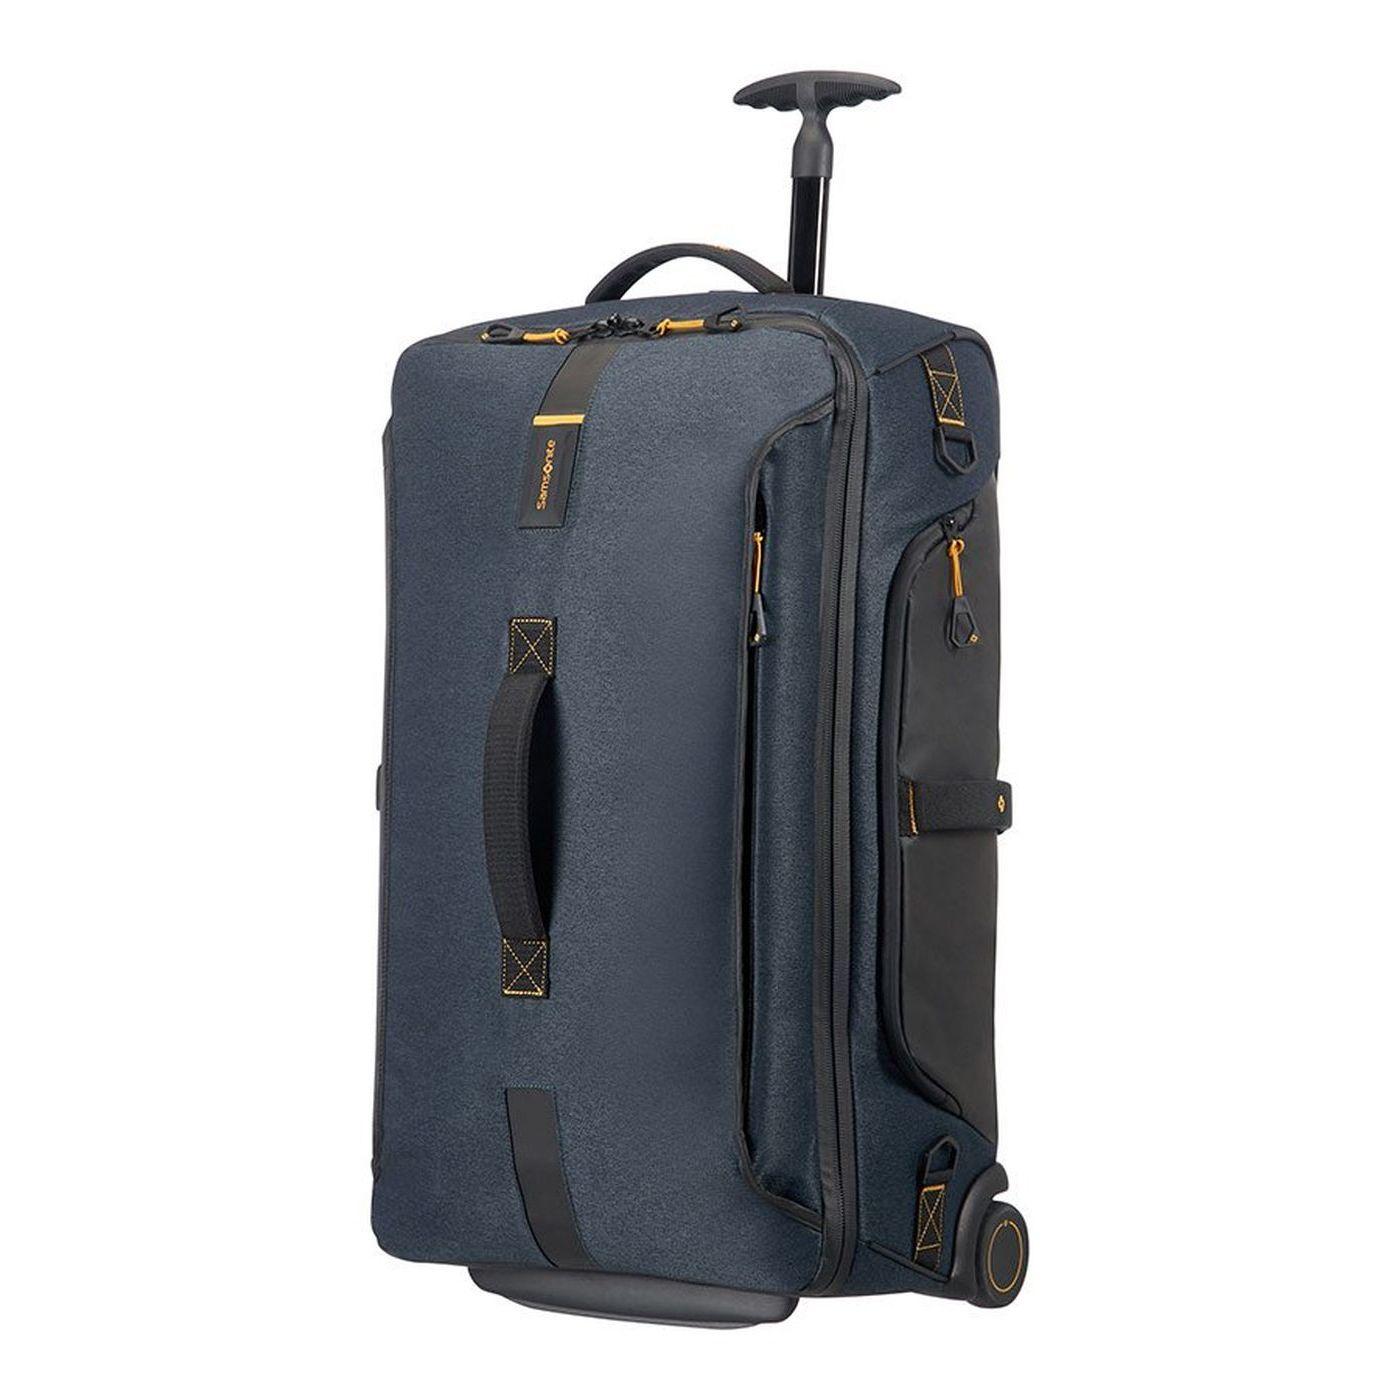 640893c188d64 Cestovná taška Samsonite Paradiver Light Duffle wh 67 01N*009 - INBAG.sk